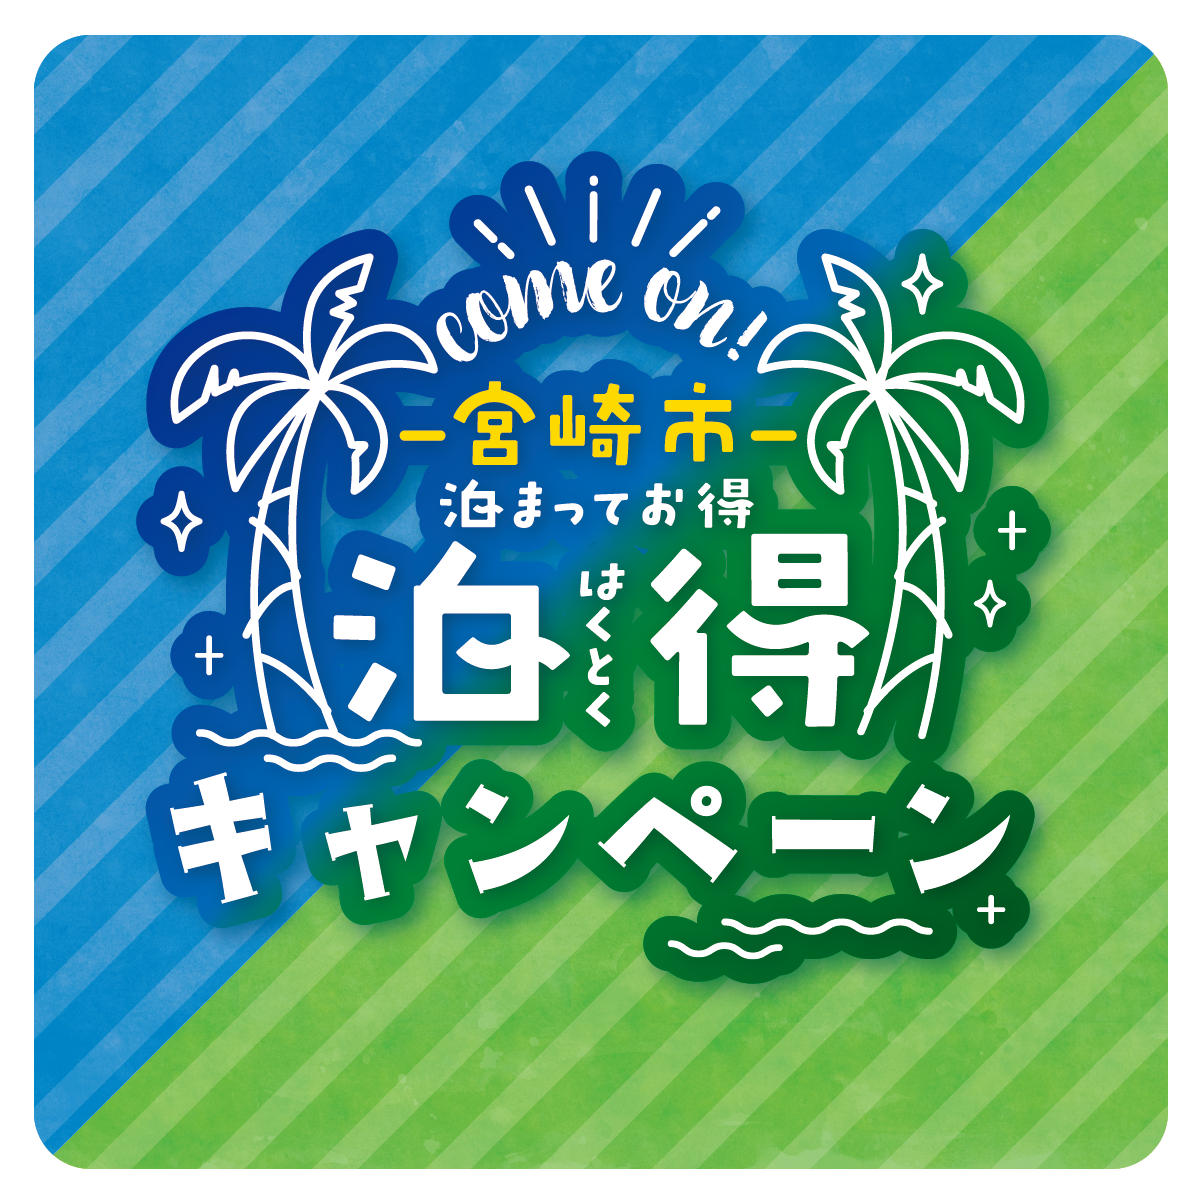 【泊得CP】ホテルニューウェルシティ宮崎 レストランひむか-1